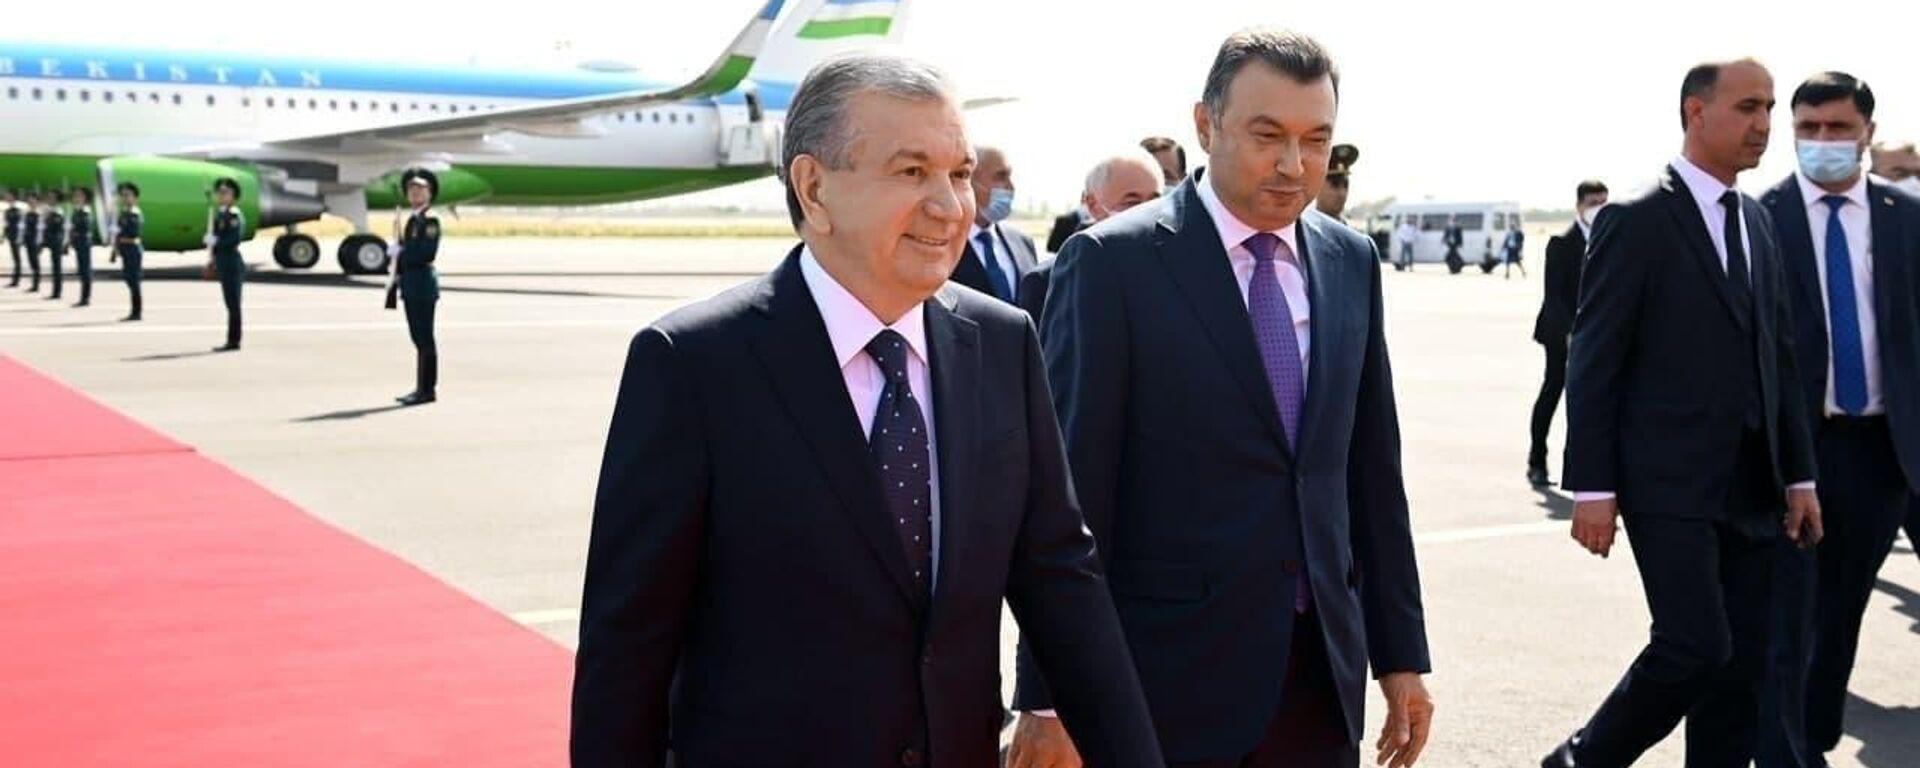 Президент Шавкат Мирзиёев прибыл в город Душанбе для участия в саммите ШОС - Sputnik Ўзбекистон, 1920, 16.09.2021